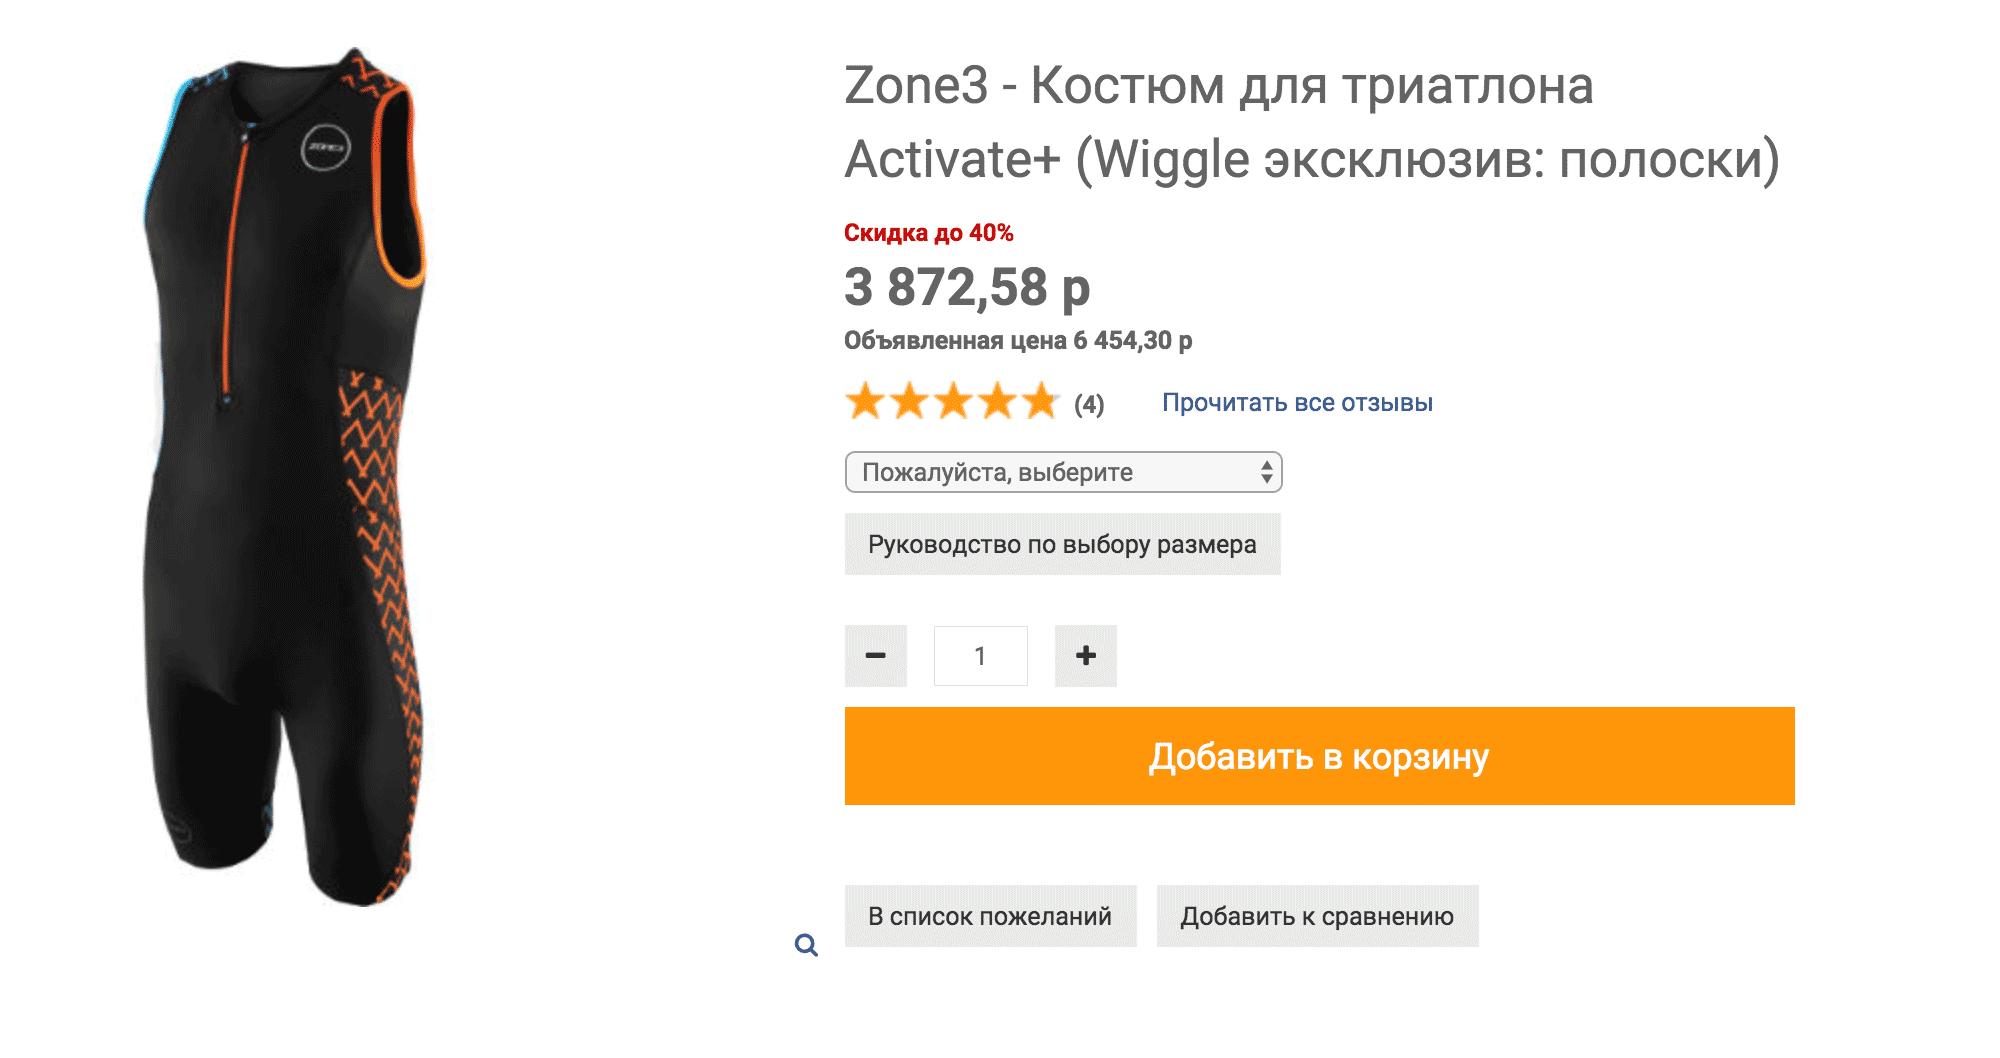 Костюм для триатлона на сайте производителя, 3889<span class=ruble>Р</span>